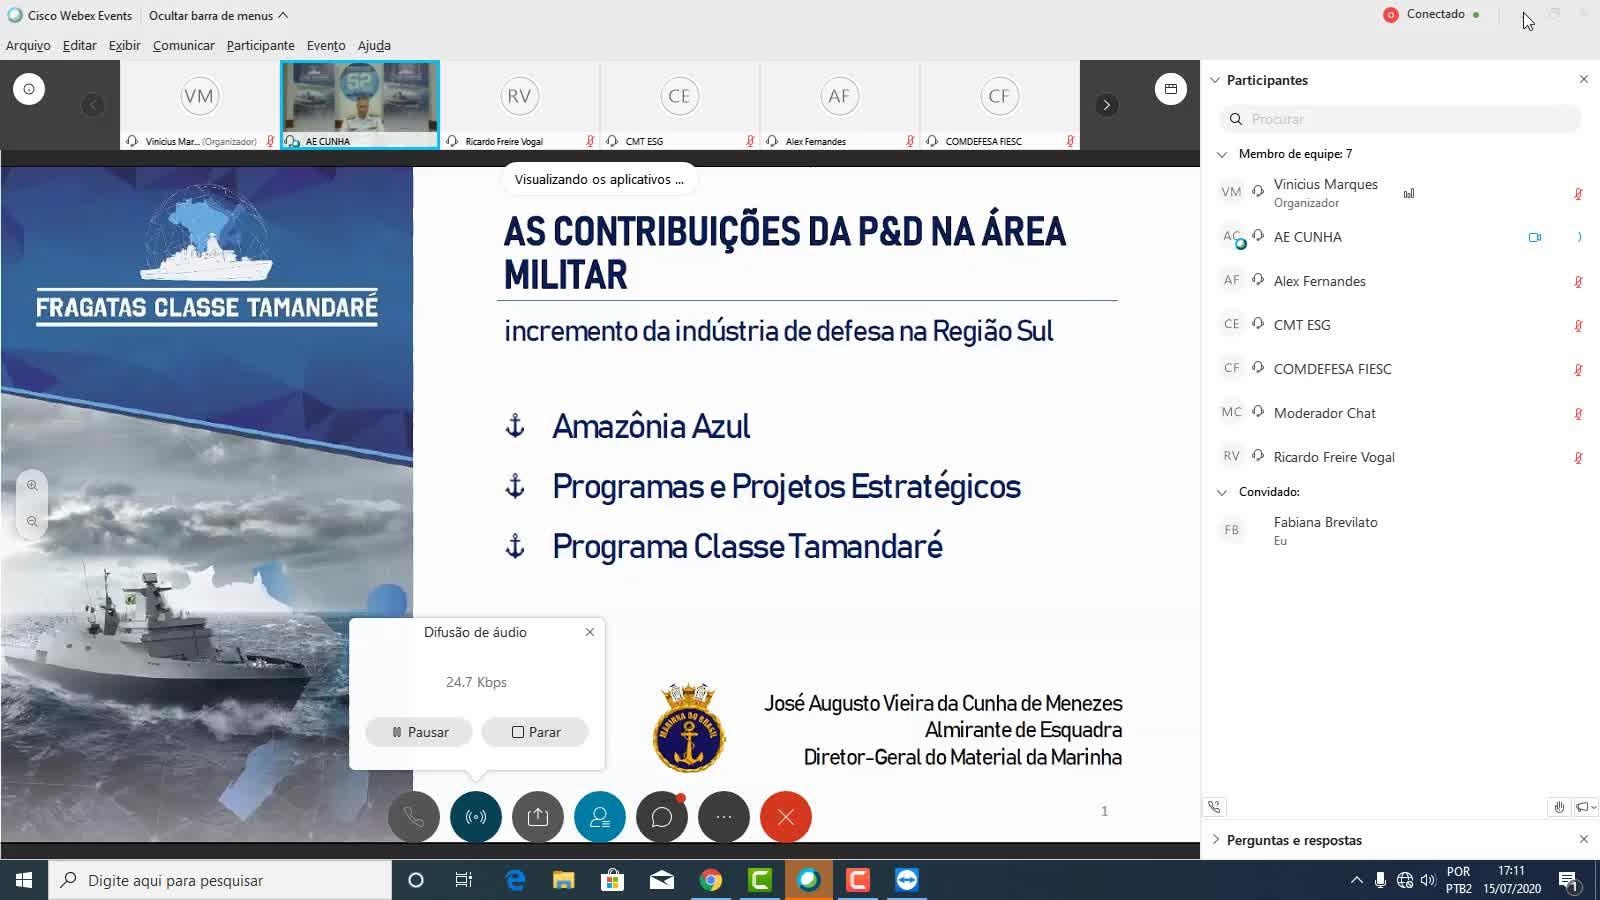 As Contribuições da P&D da Área Militar: incremento da Indústria de Defesa na Região Sul